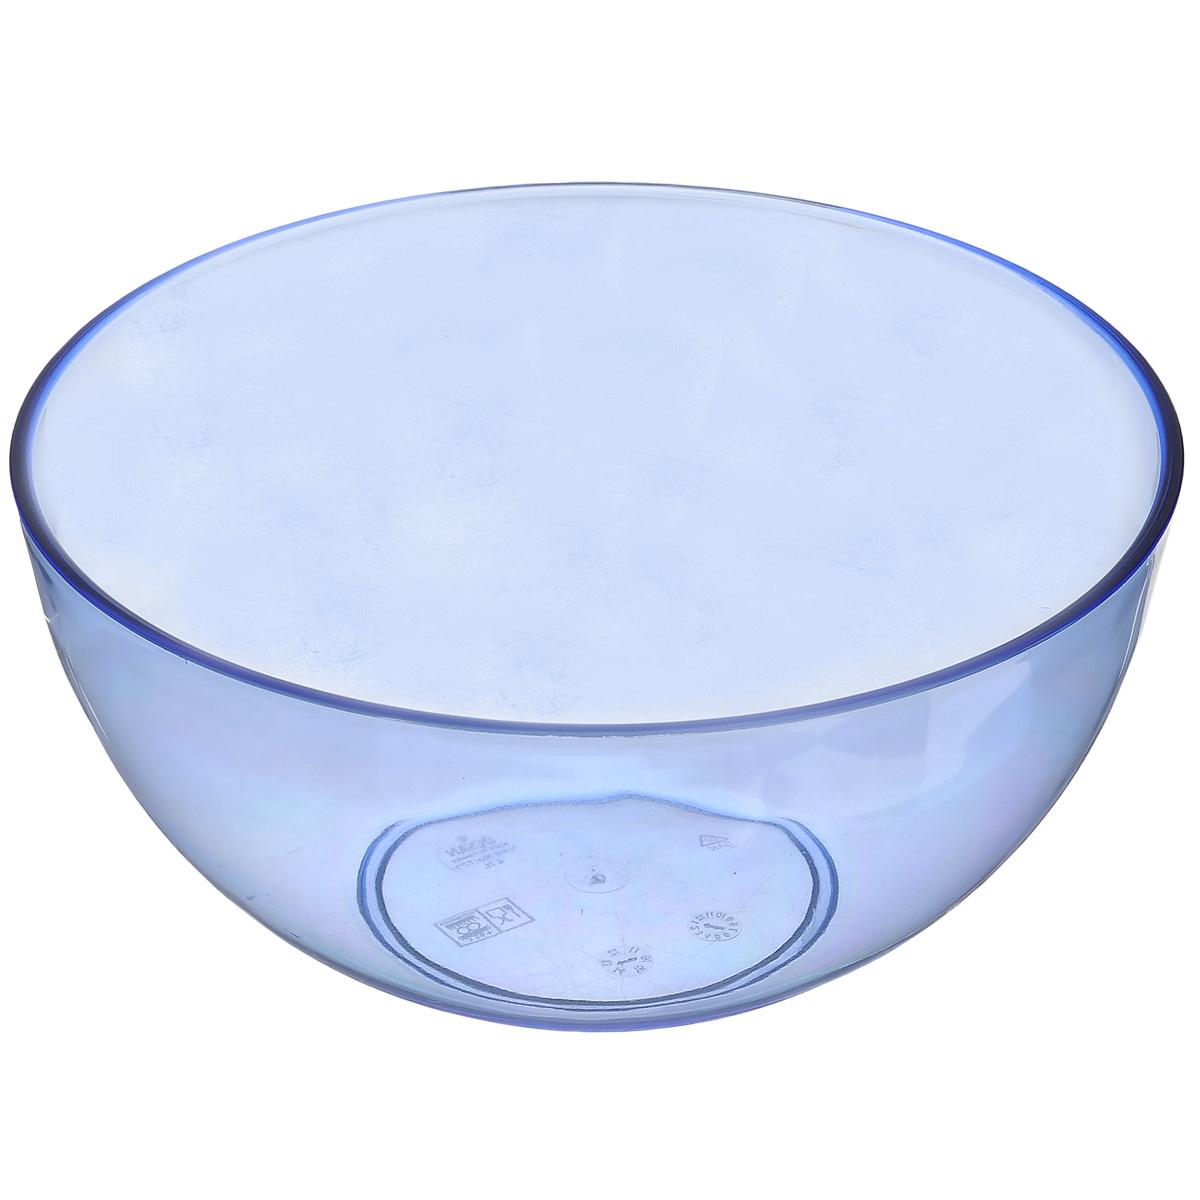 Салатник Ucsan, цвет: синий, 4 л115510Салатник Ucsan изготовлен из полипропилена и идеально подходит для сервировки стола.Салатник Ucsan не только украсит ваш кухонный стол и подчеркнет прекрасный вкус хозяйки, но и станет отличным подарком. Можно мыть в посудомоечной машине. Диаметр салатника: 24 см. Высота салатника: 12 см. Объем салатника: 4 л.